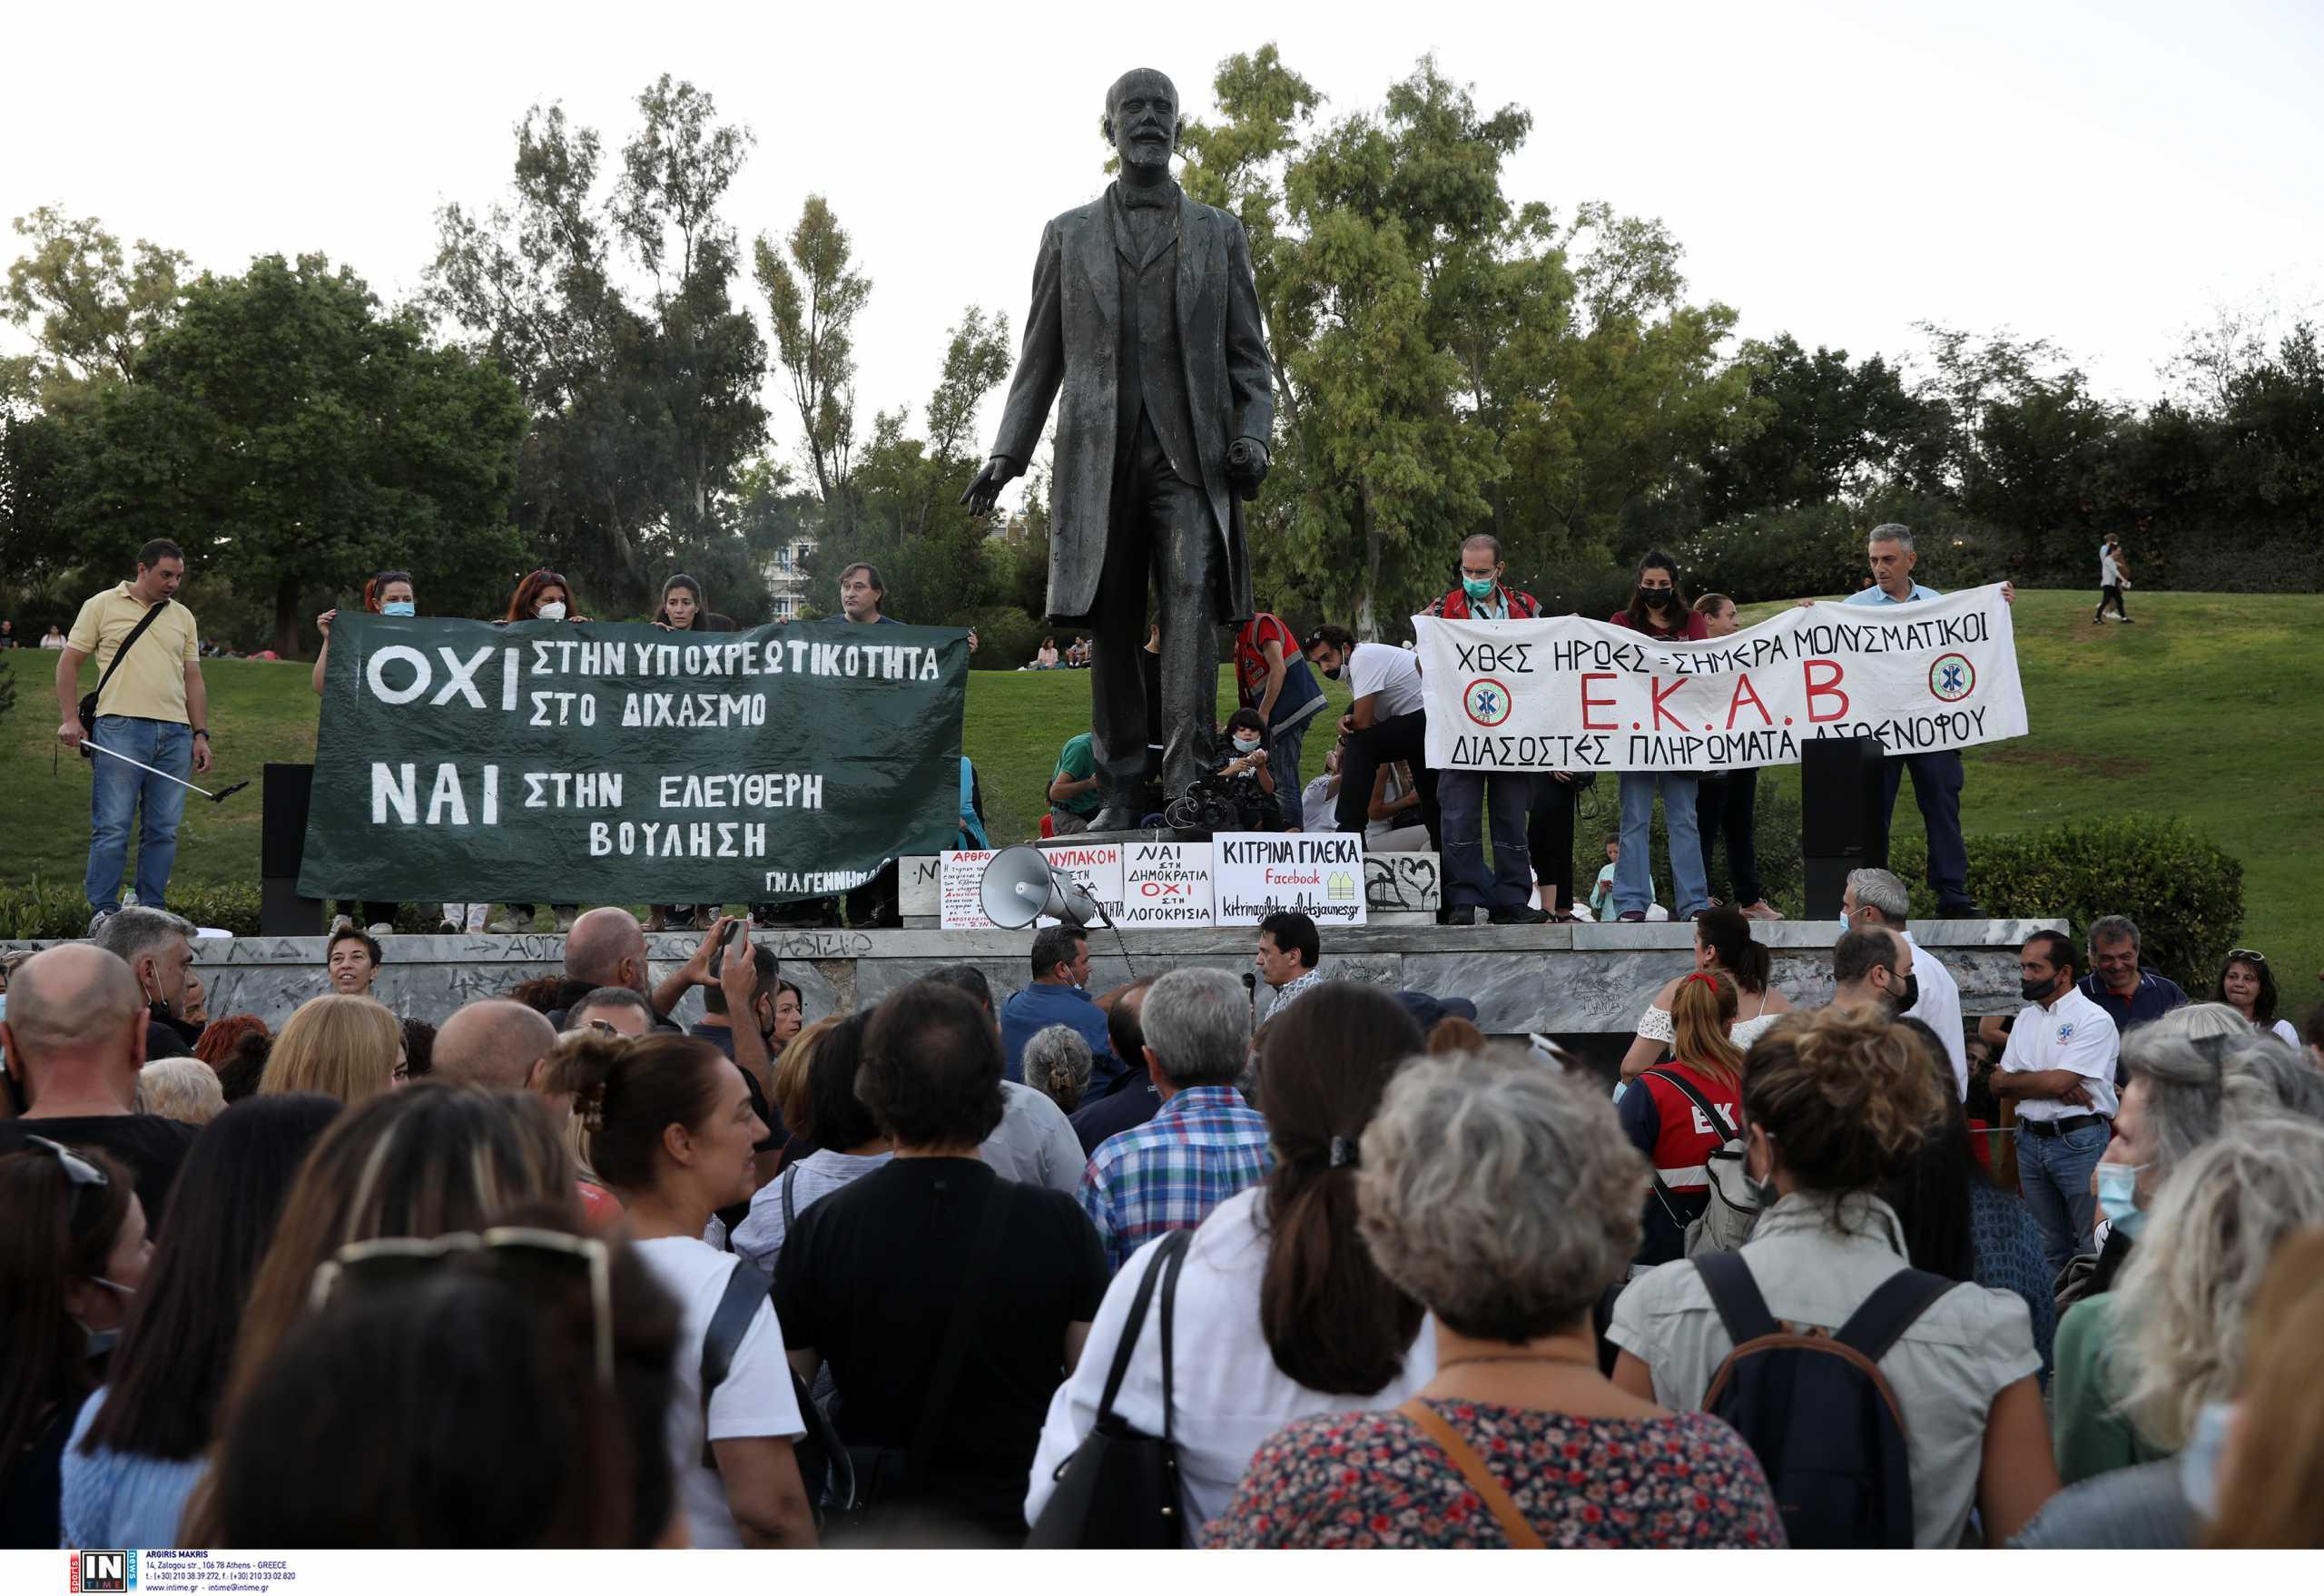 Κορονοϊός: Συγκέντρωση κατά του υποχρεωτικού εμβολιασμού στο Πάρκο Ελευθερίας